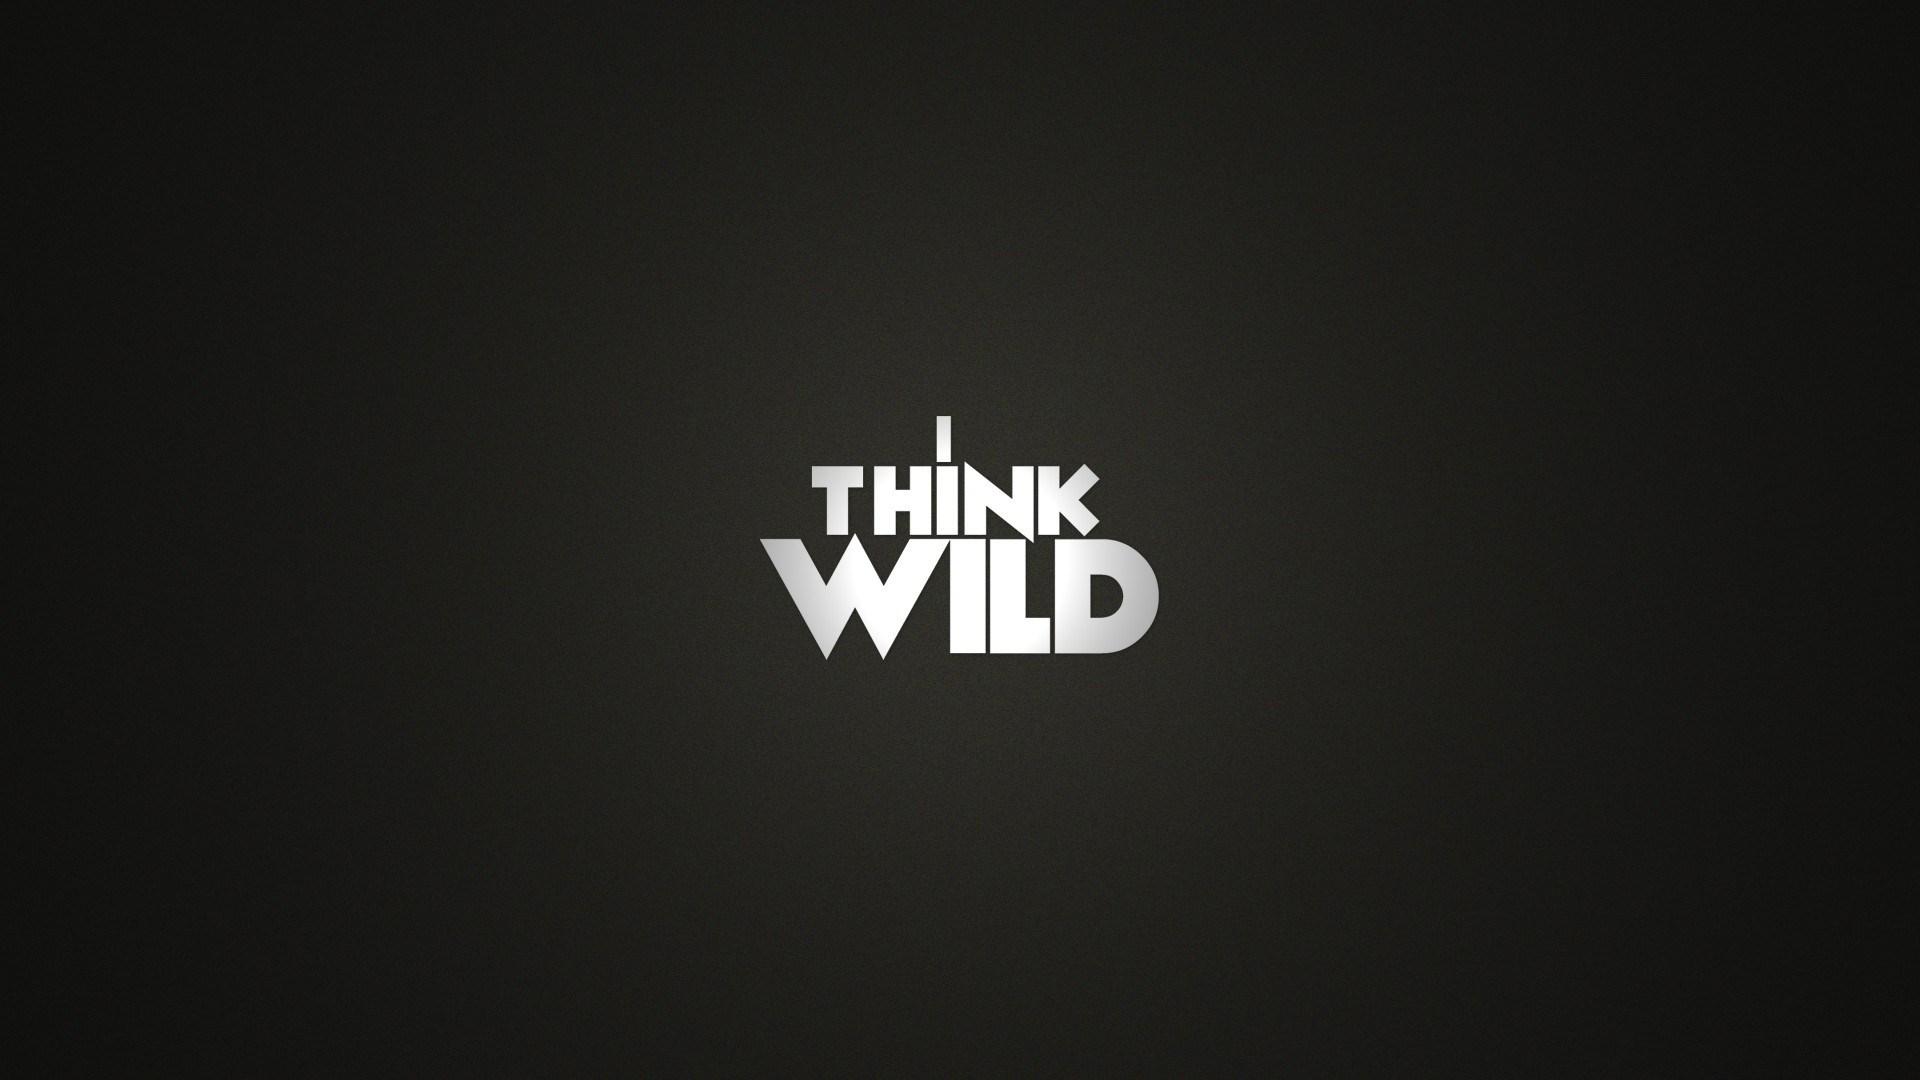 I Think Wild Text Creative